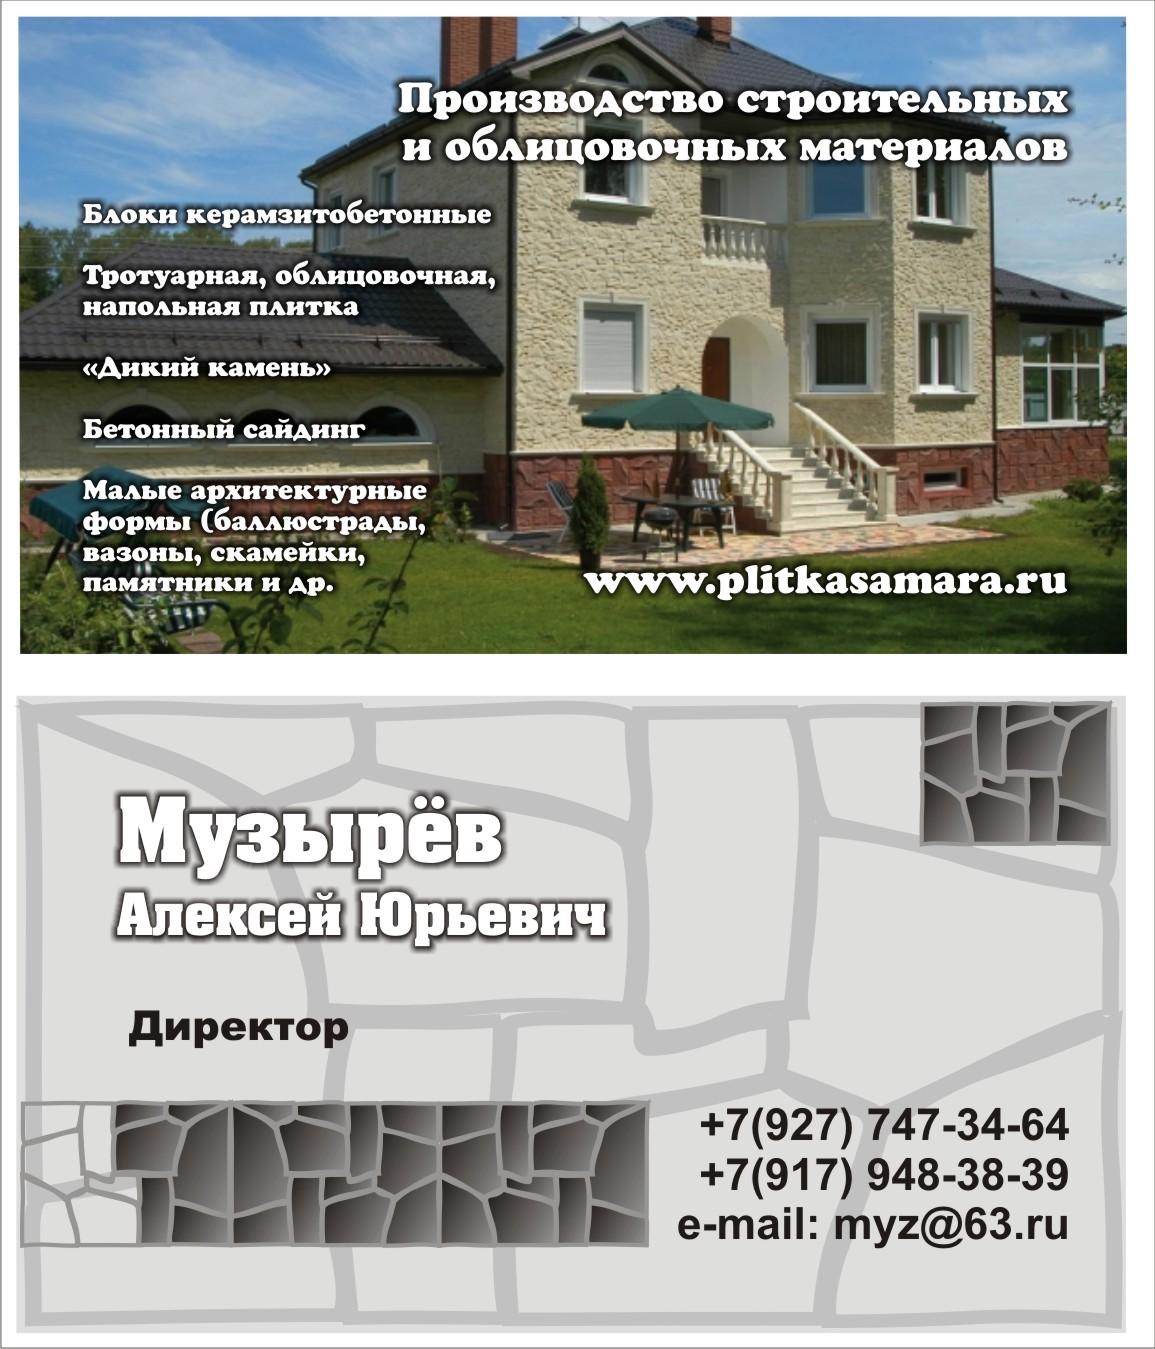 corel draw 14 скачать бесплатно русская версия